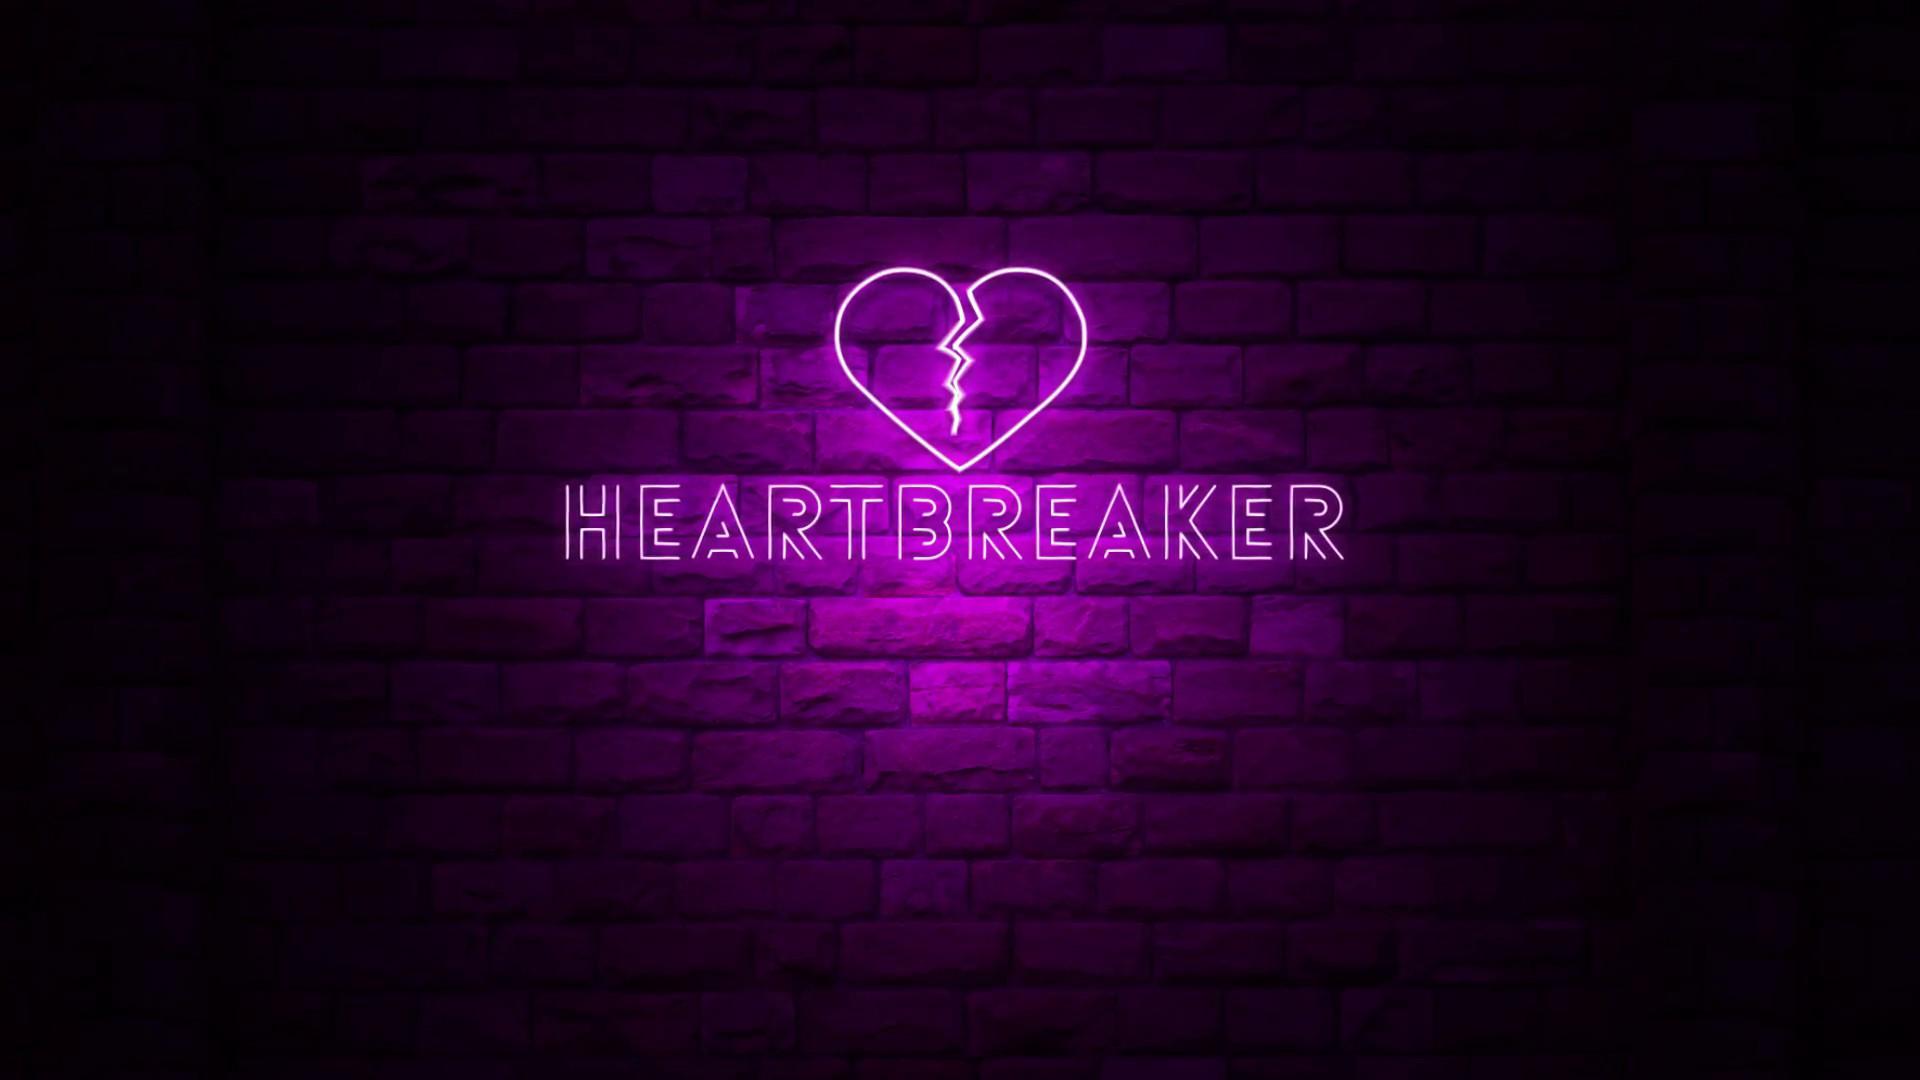 broken heart backgrounds 183��